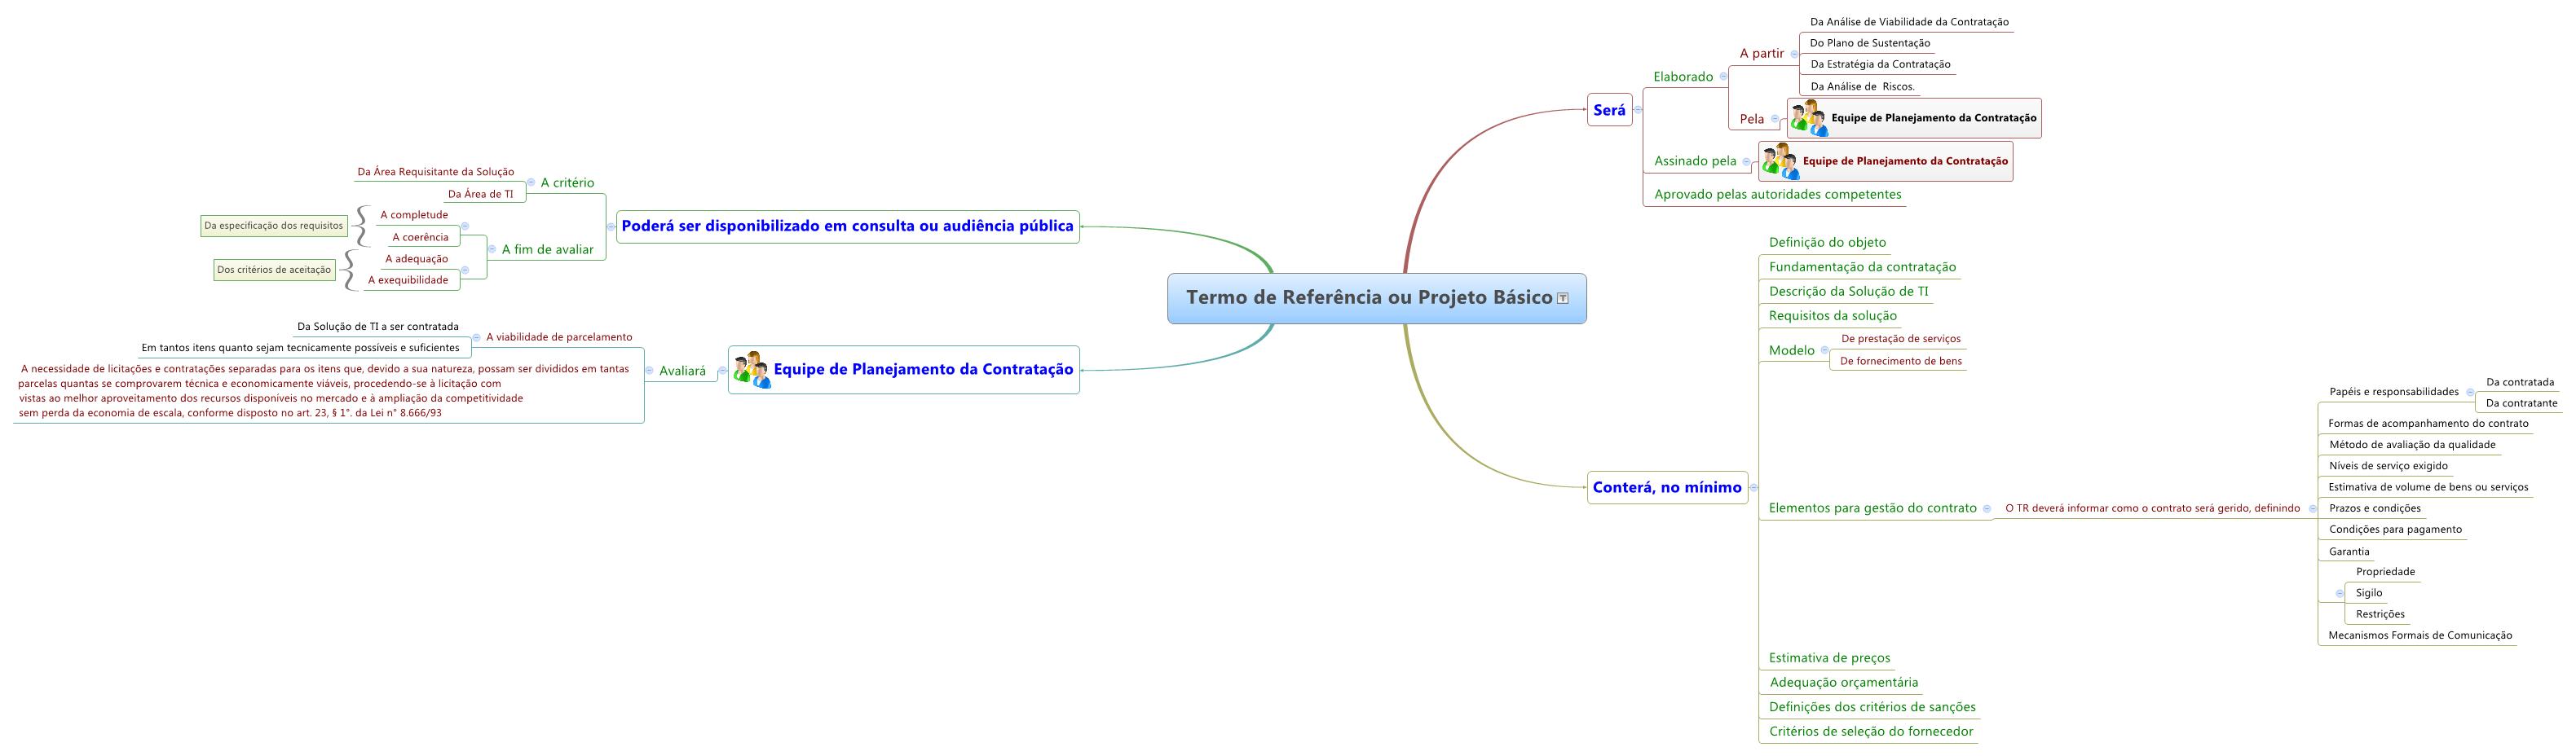 Mapa mental do Termo de Referência ou Projeto Básico